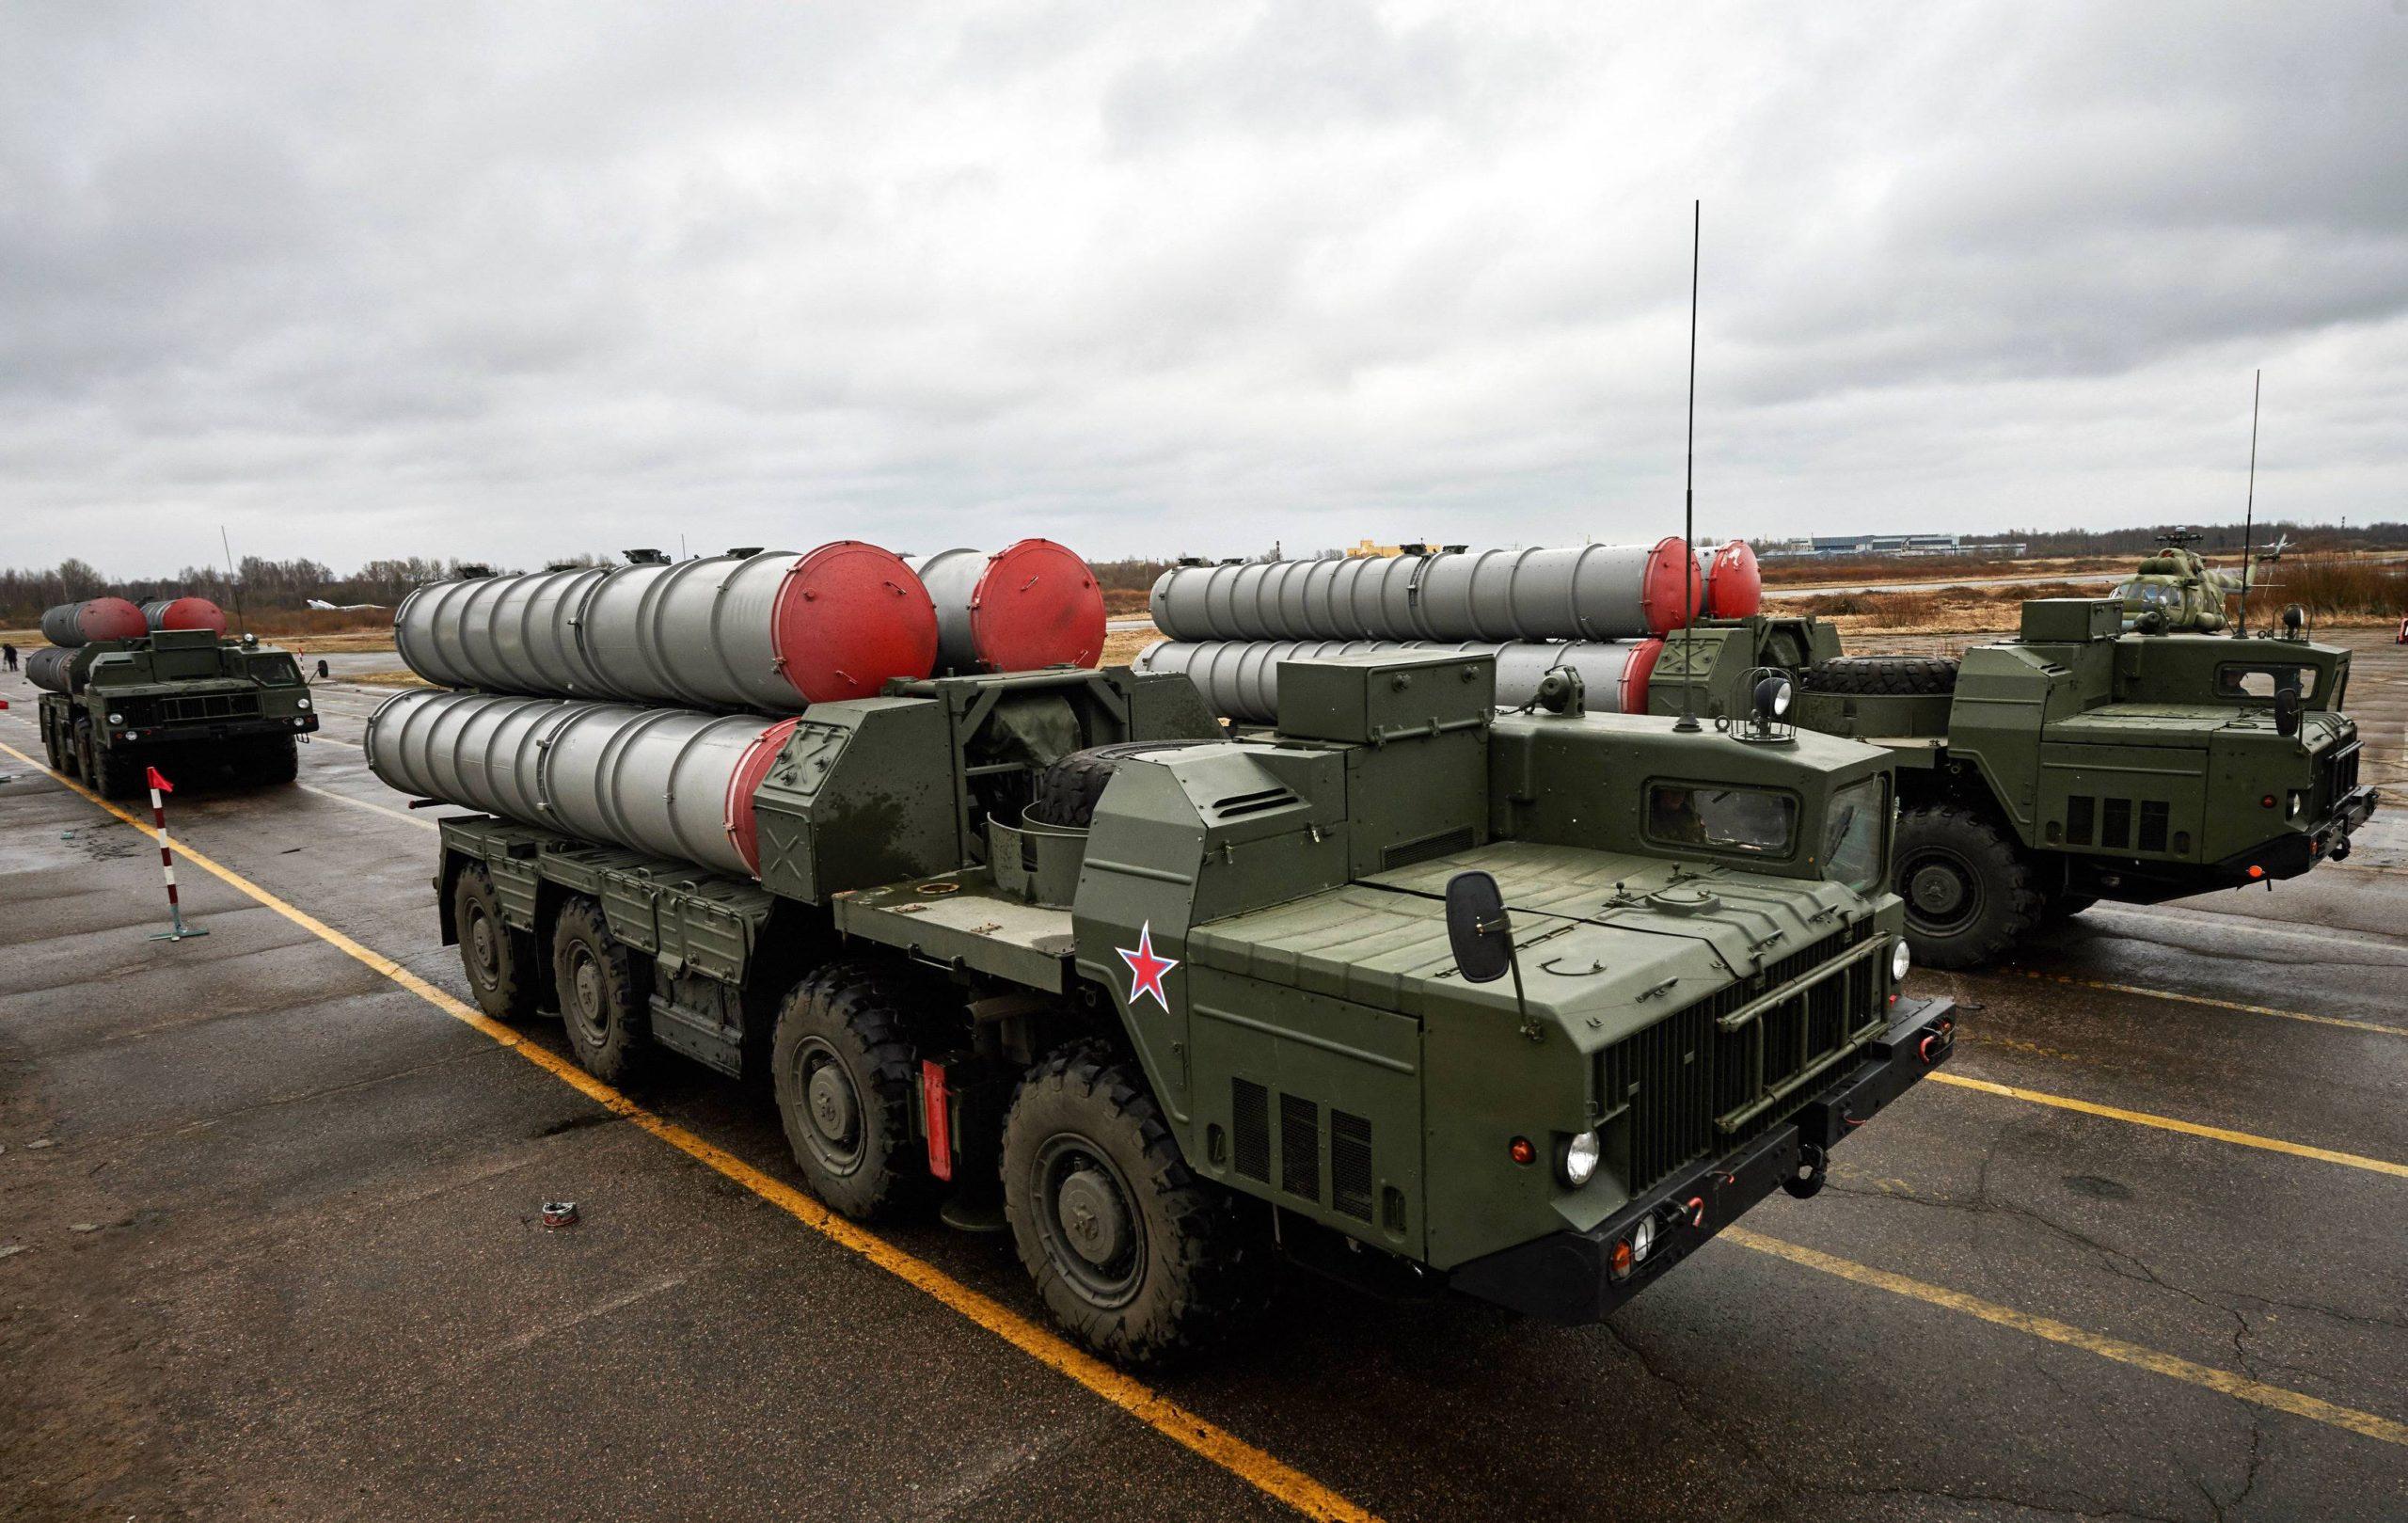 Зенитчики под Воронежем завершили перевооружение на модернизированные С-300 «Фаворит»